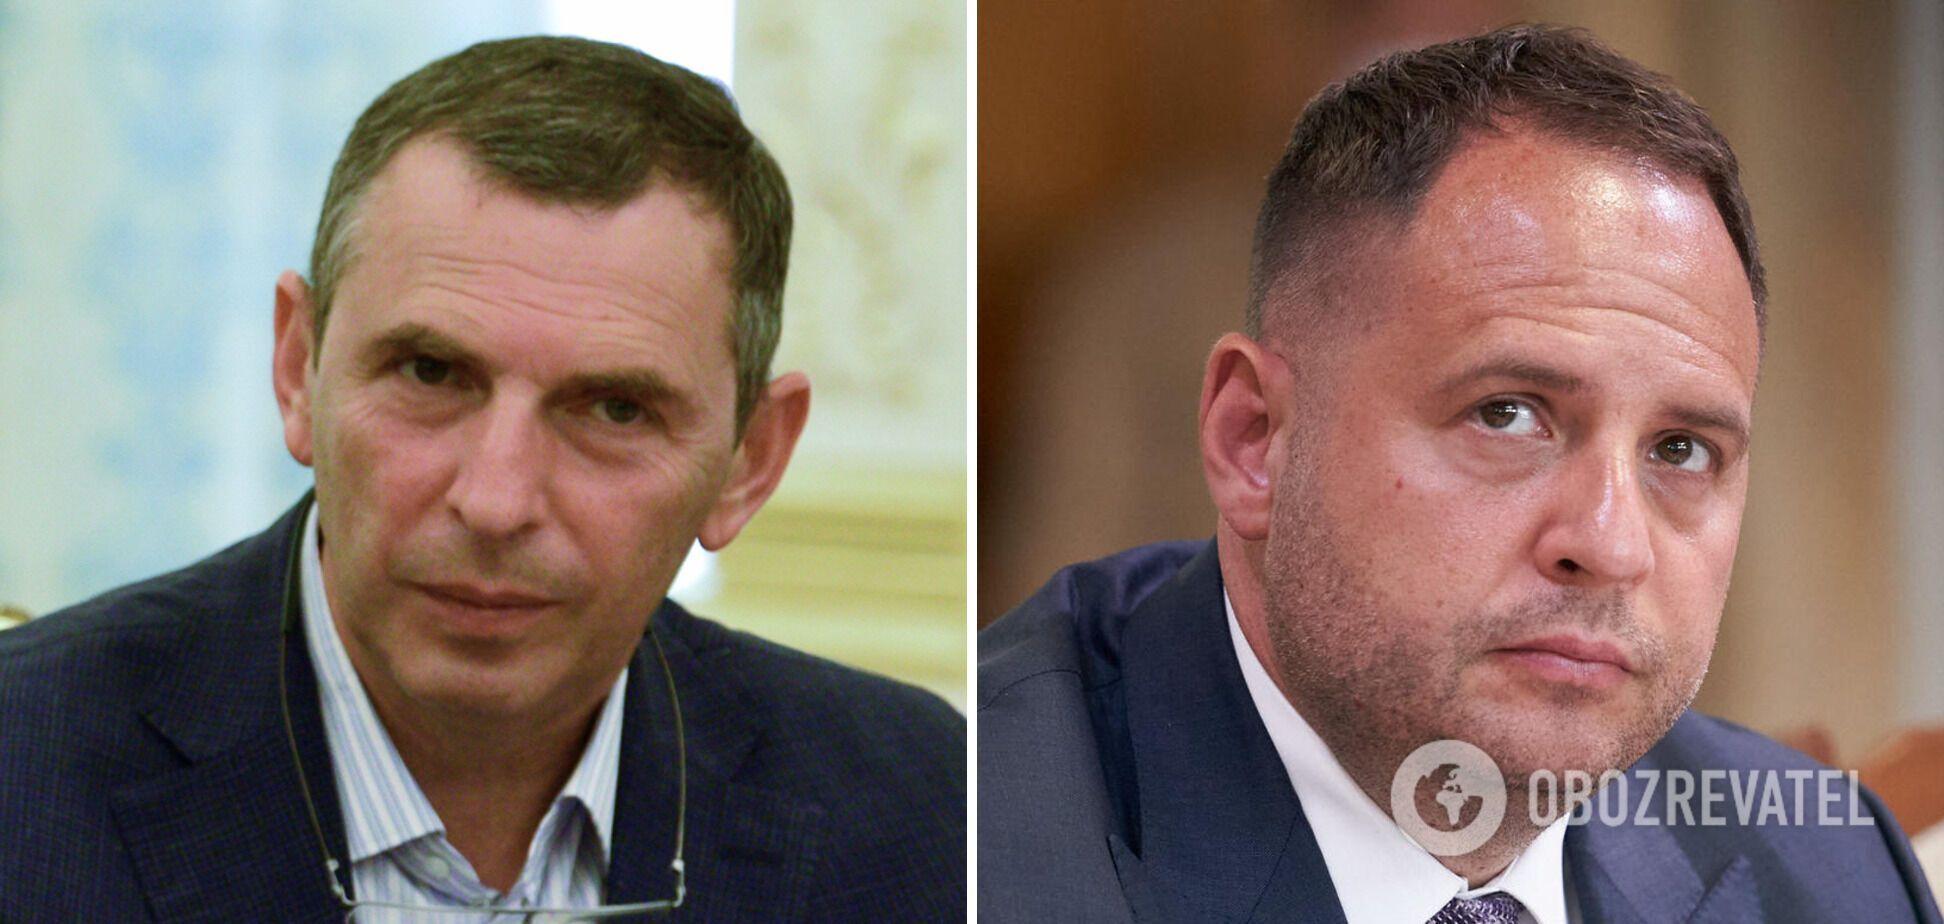 Журналисты сообщали о конфликте между Шефиром и Зеленским